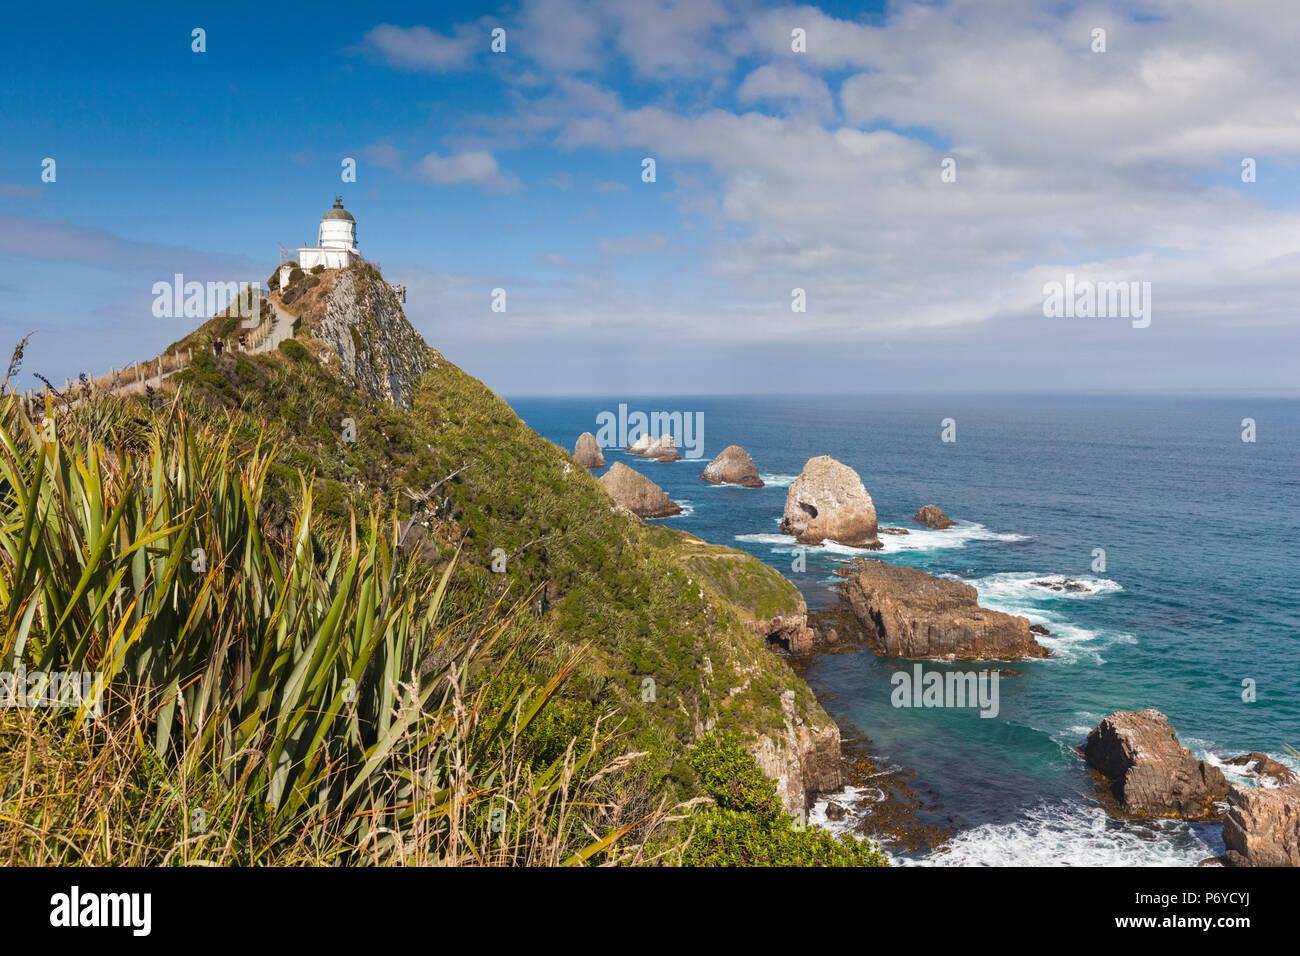 Nueva Zelandia, Southland, Isla del Sur, los Catlins, Nugget Point, Nuggett faro, punto de vista elevado Imagen De Stock